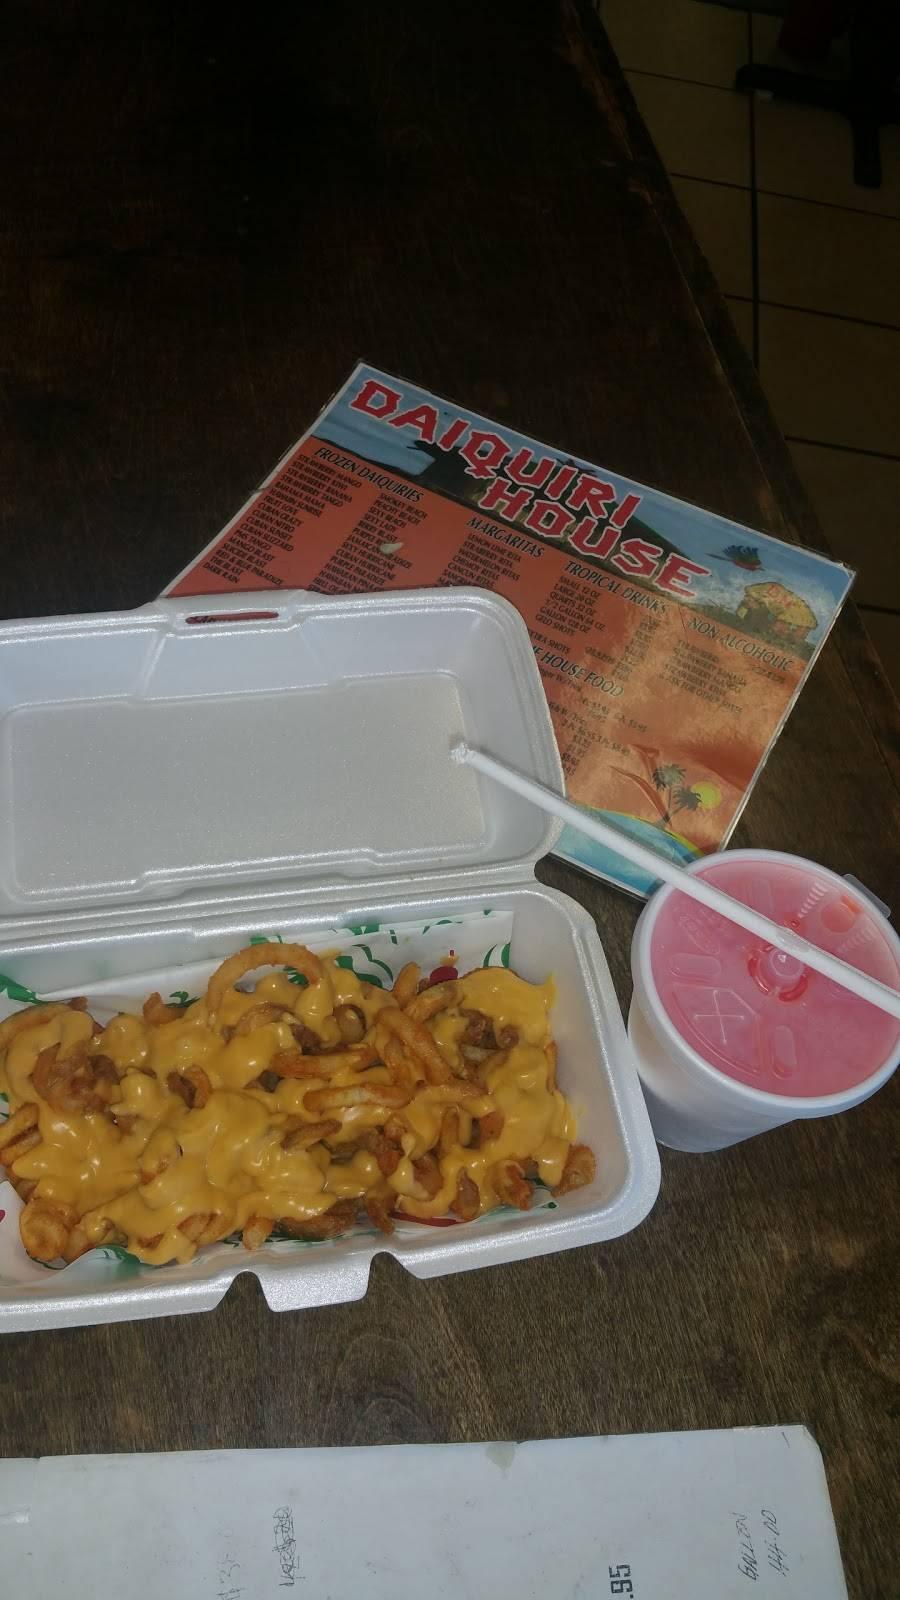 Daiquiri House | restaurant | 17137 Farm to Market Rd 529, Houston, TX 77084, USA | 2818554544 OR +1 281-855-4544